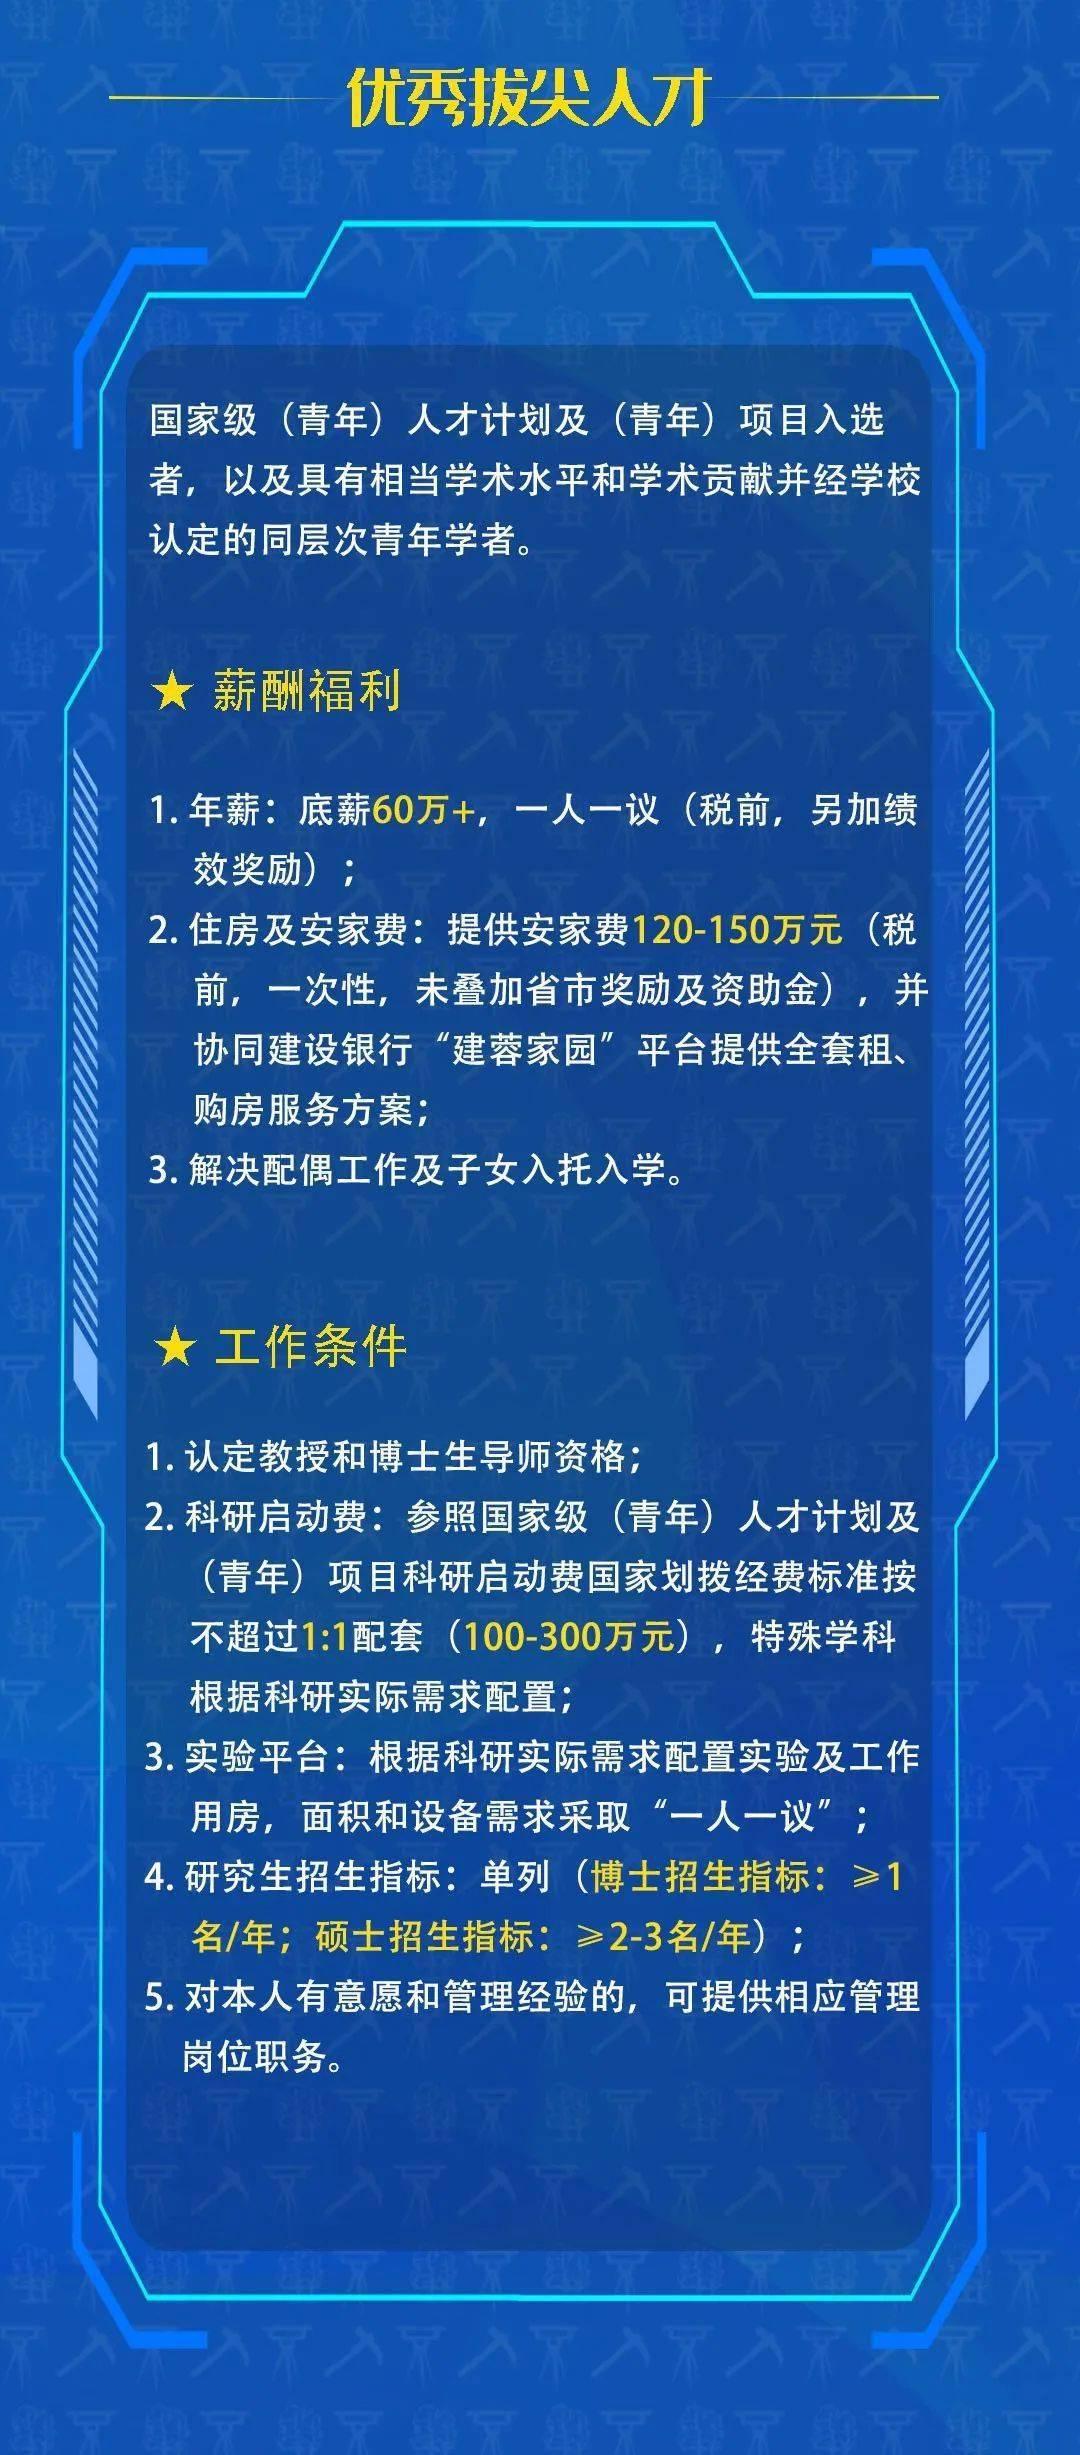 """西南交通大学""""交天下菁英,通宇内鼎甲""""学者论坛诚邀您参加!"""